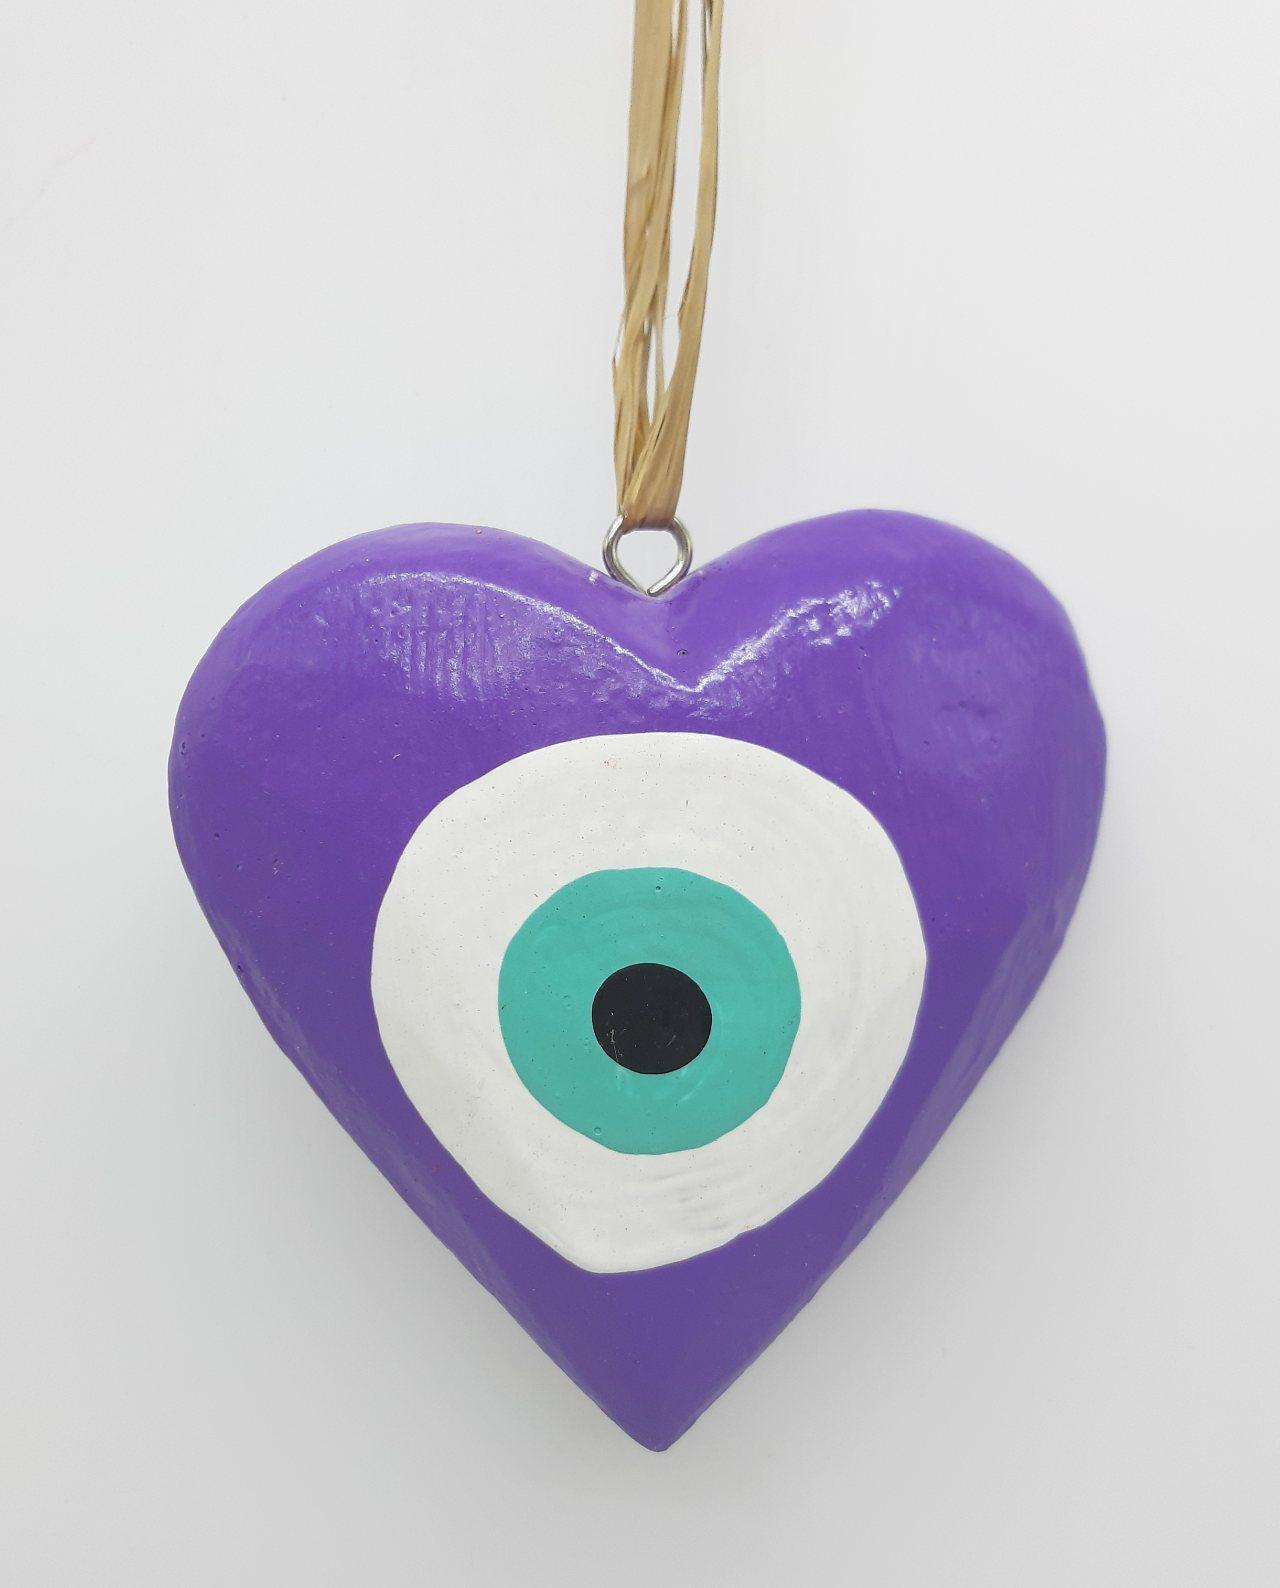 Καρδιά Ματάκι Ξύλινη Χειροποίητη Διαμέτρου 10 cm χρώμα μωβ